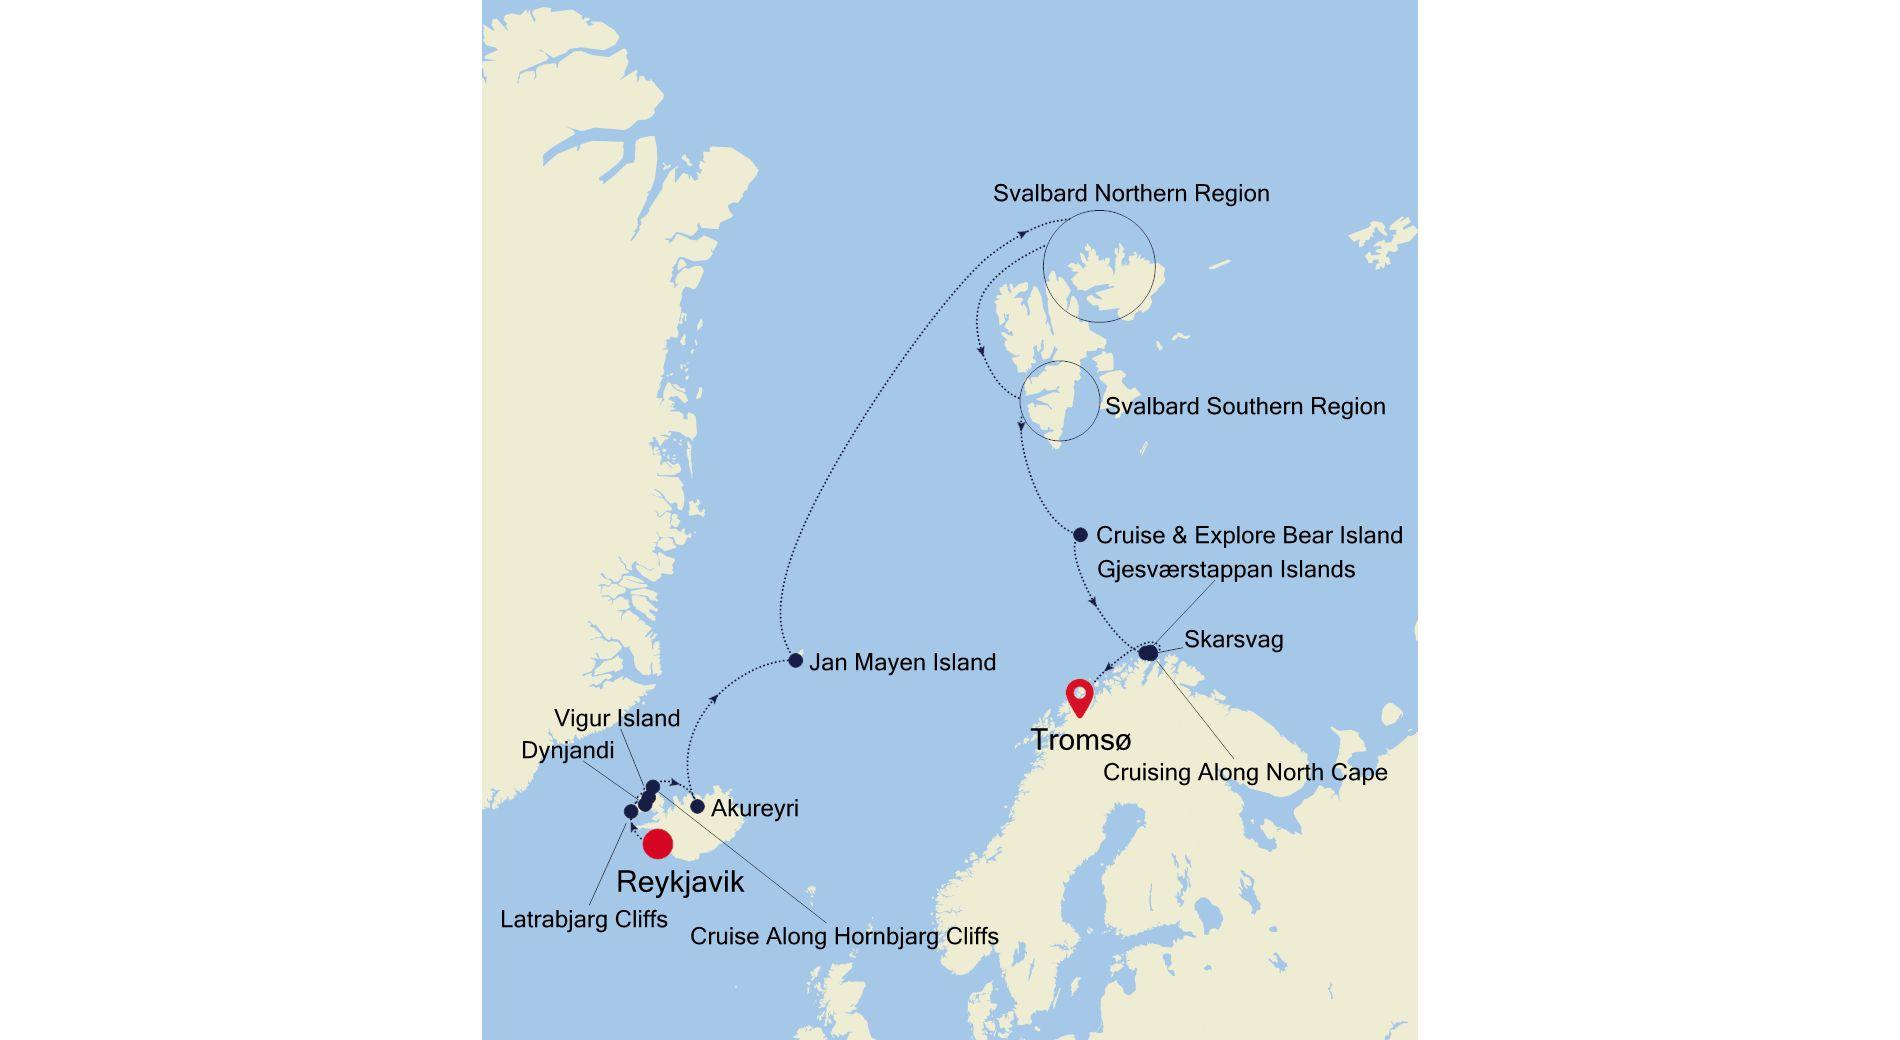 E4210703013 - Reykjavik to Tromsø